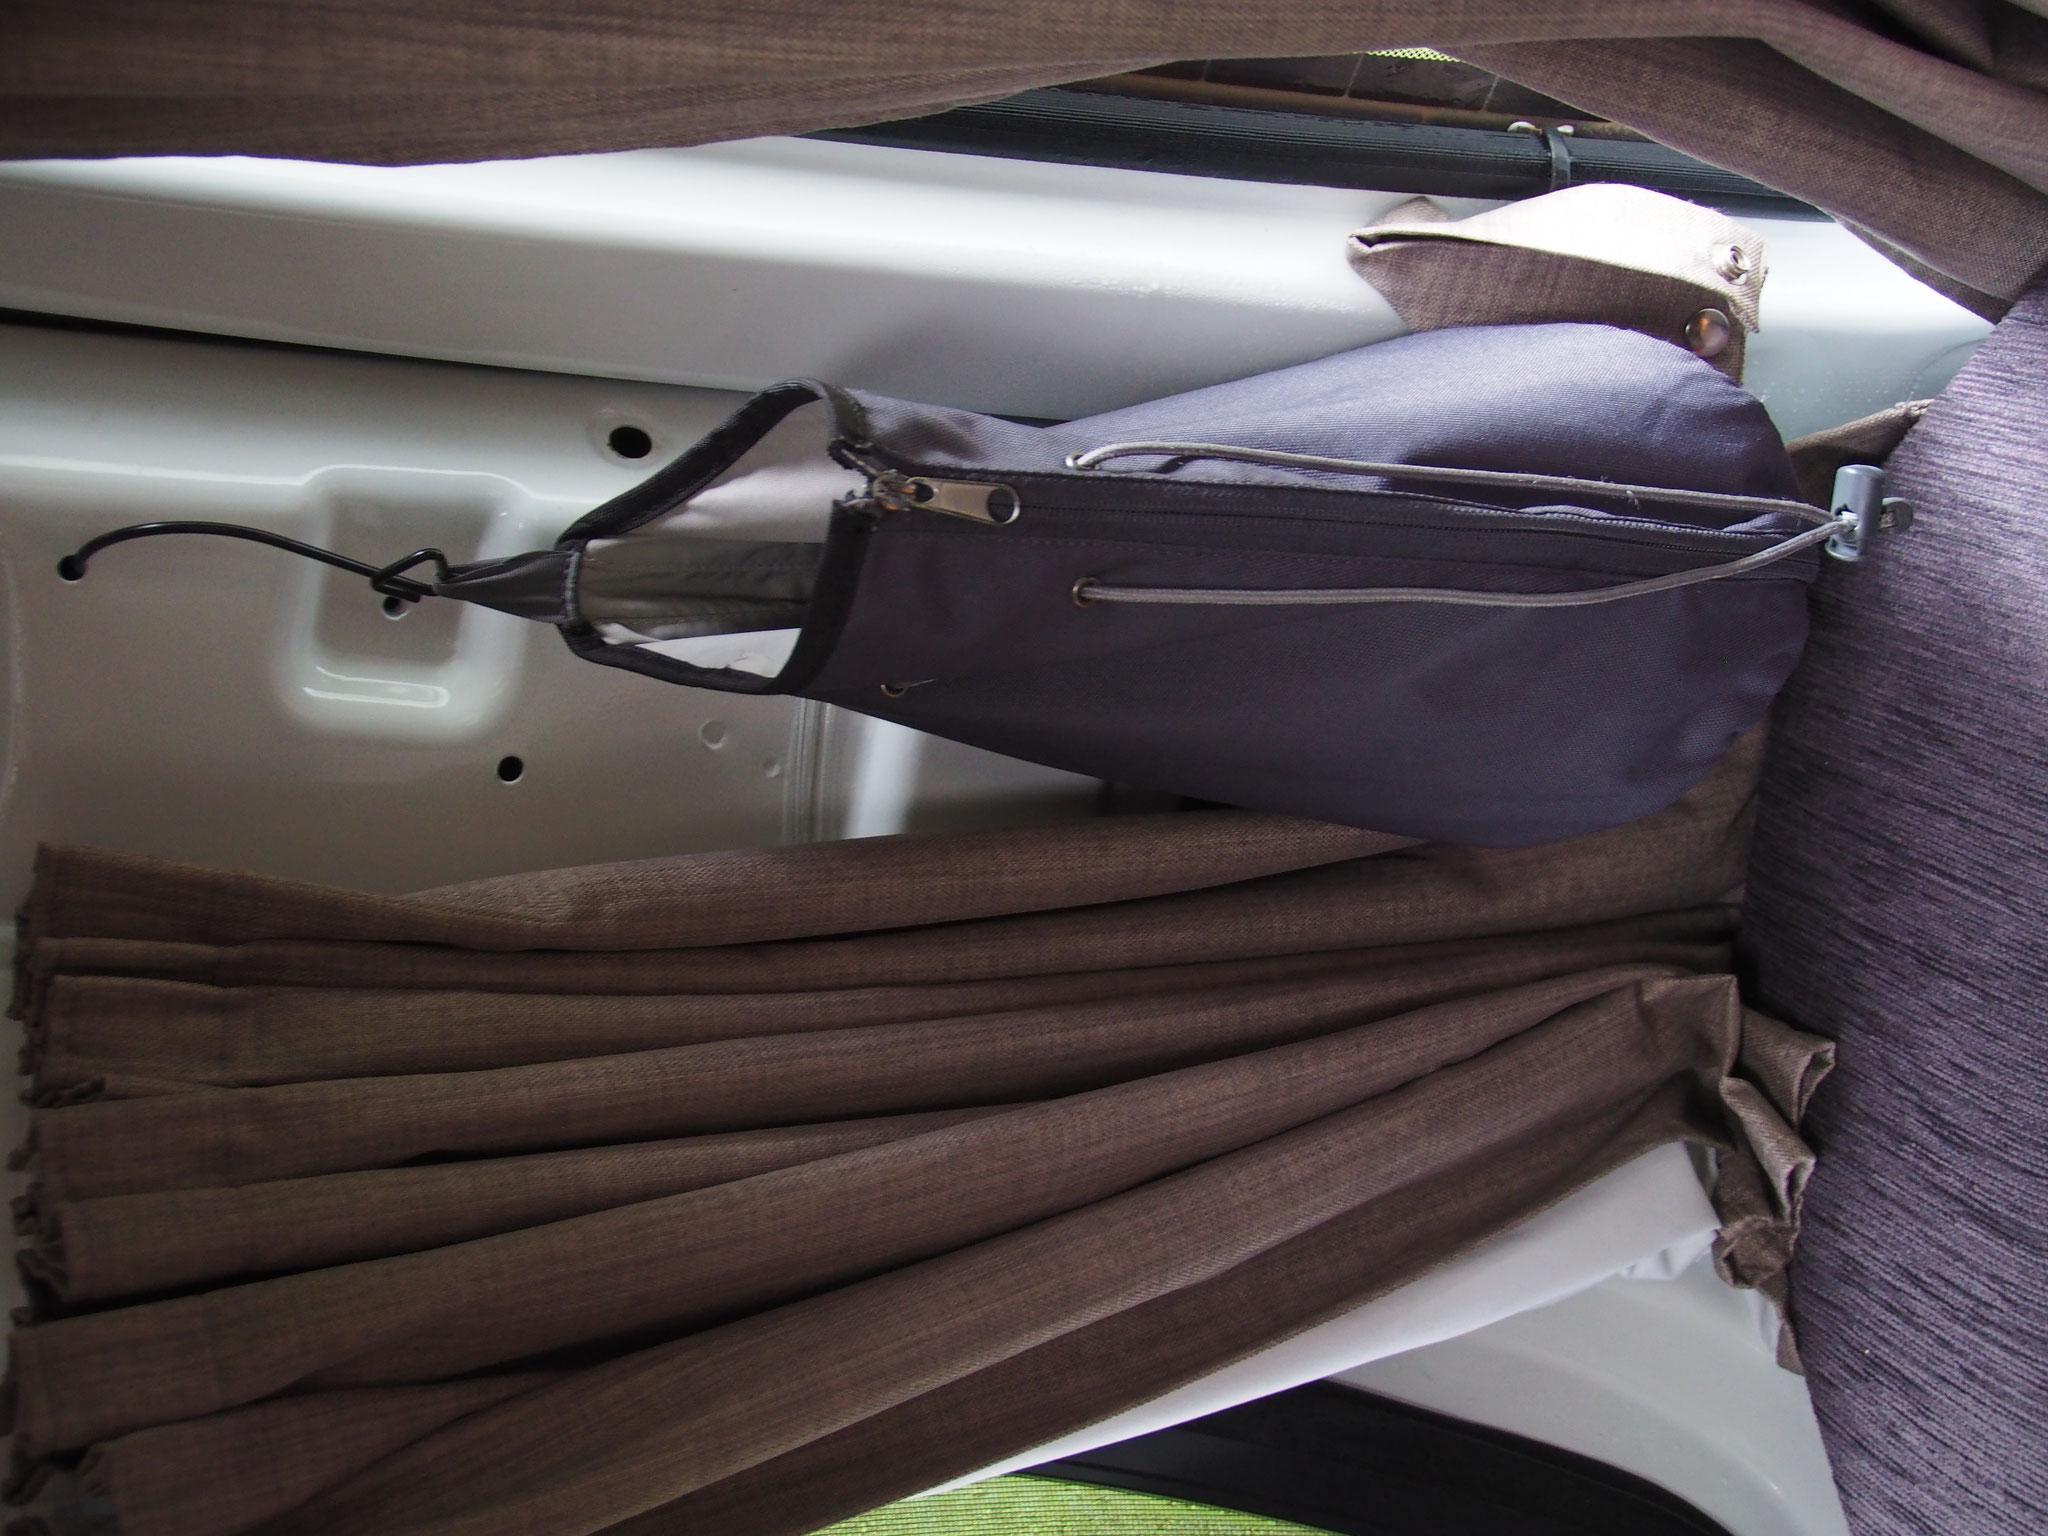 Aufgehängt - Taschen mit Haken lassen sich gut anbringen